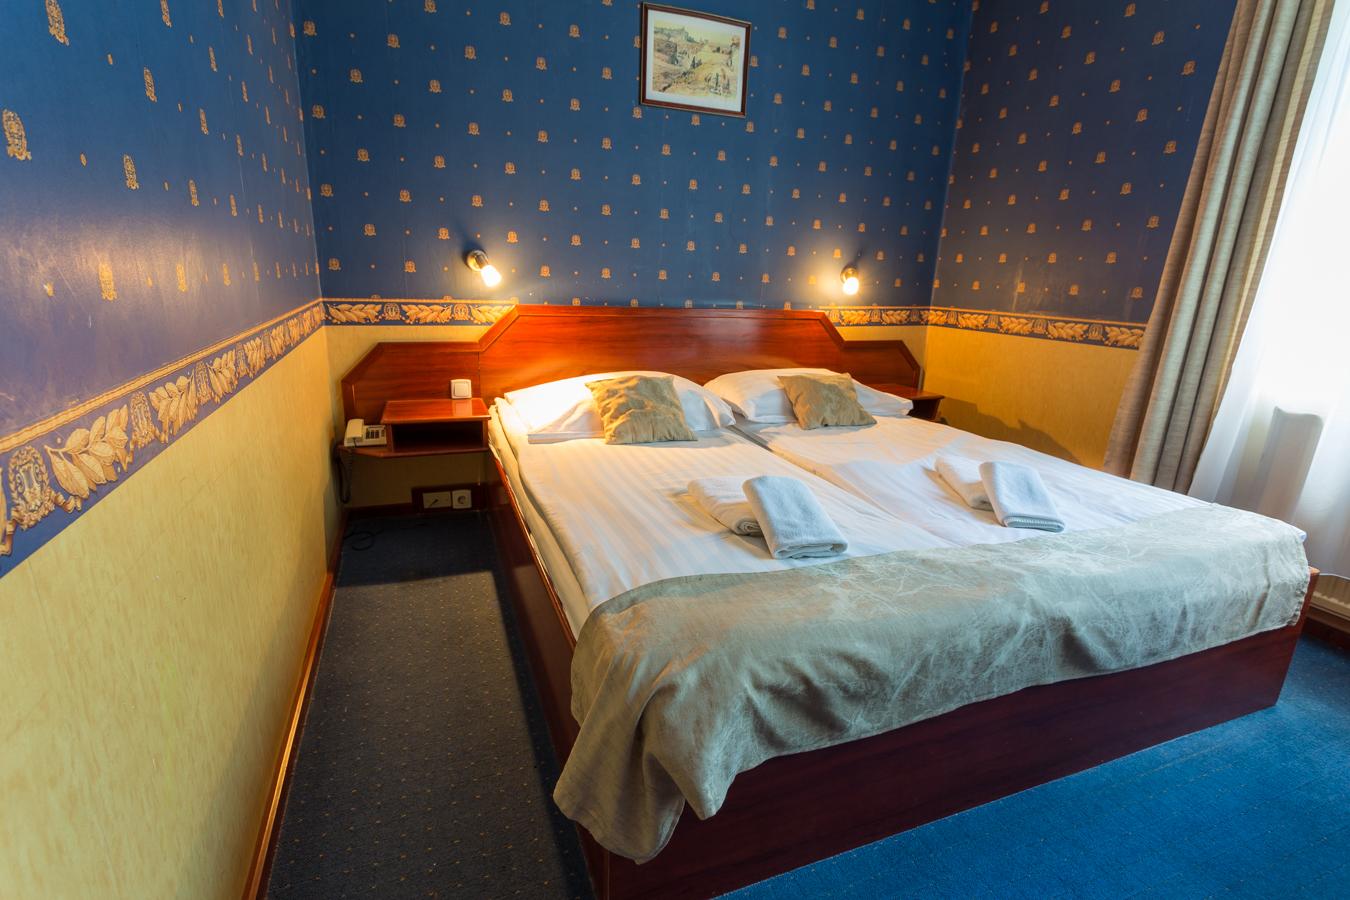 standard kétágyas szoba - classic hotel